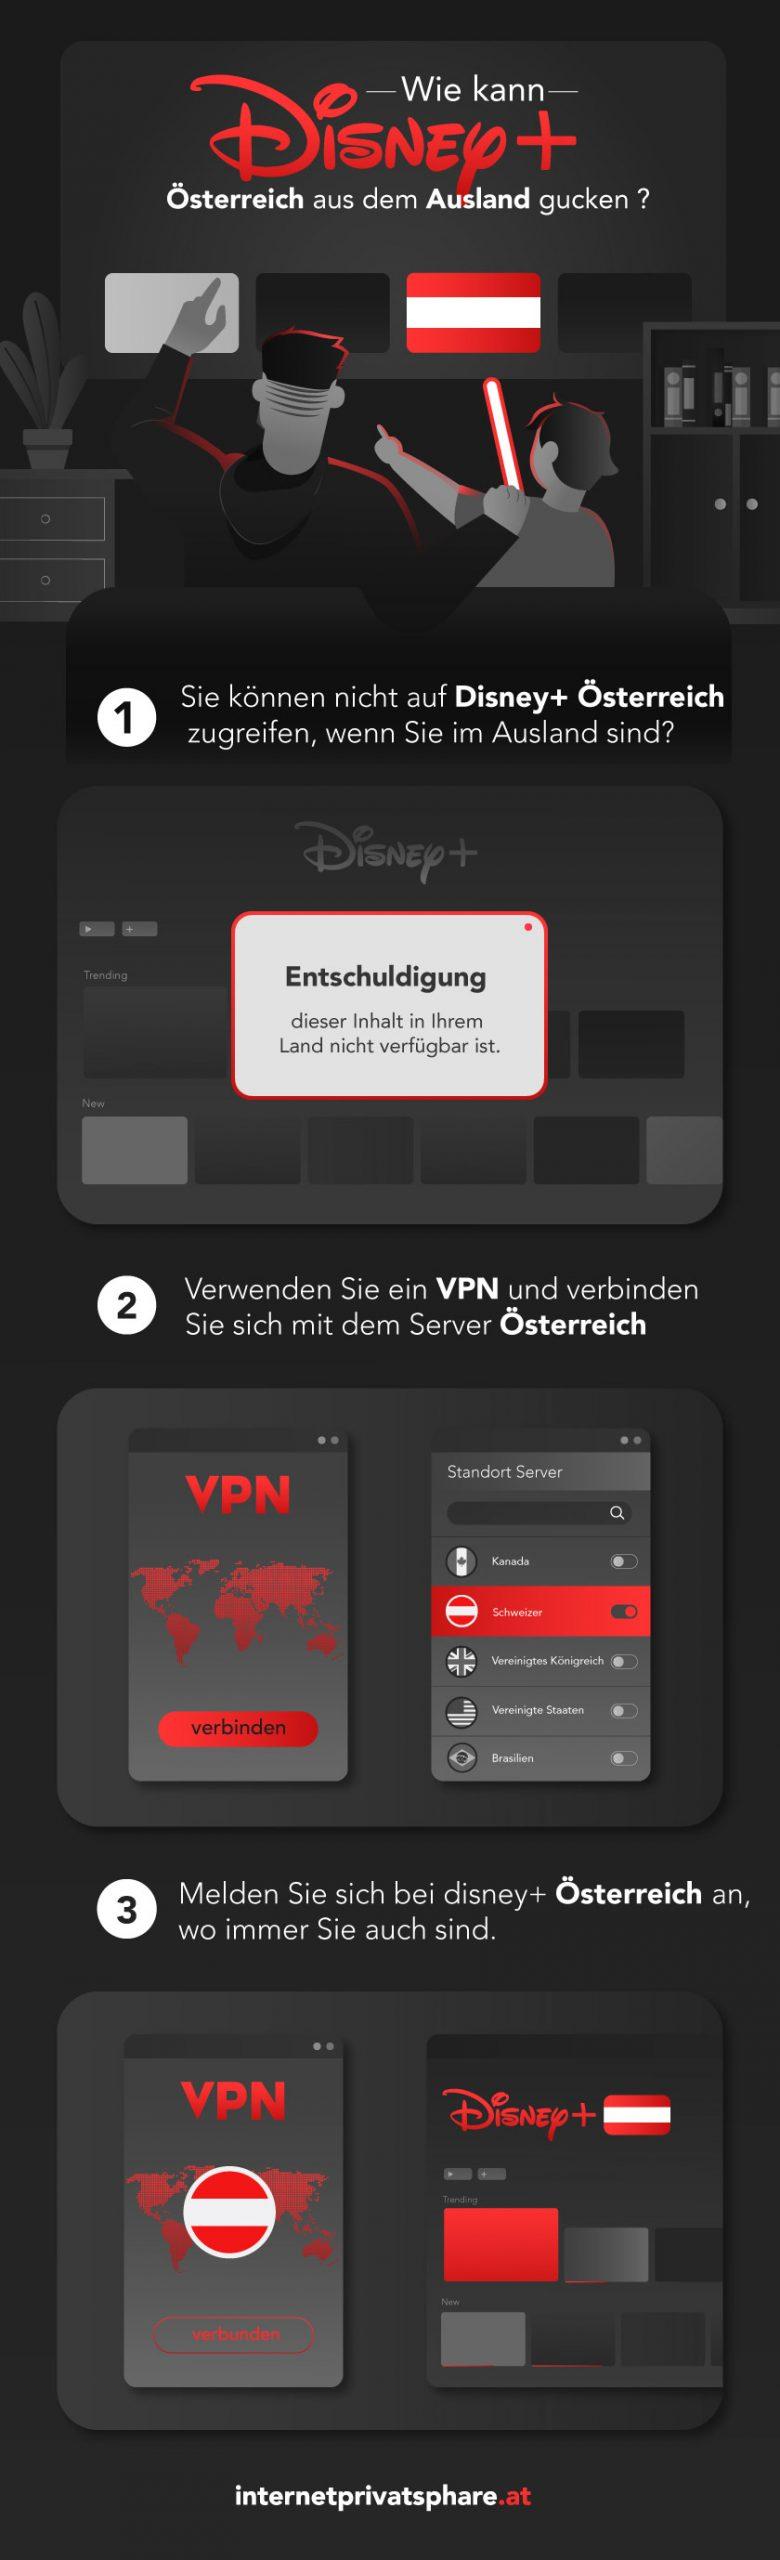 disney plus live stream Österreich